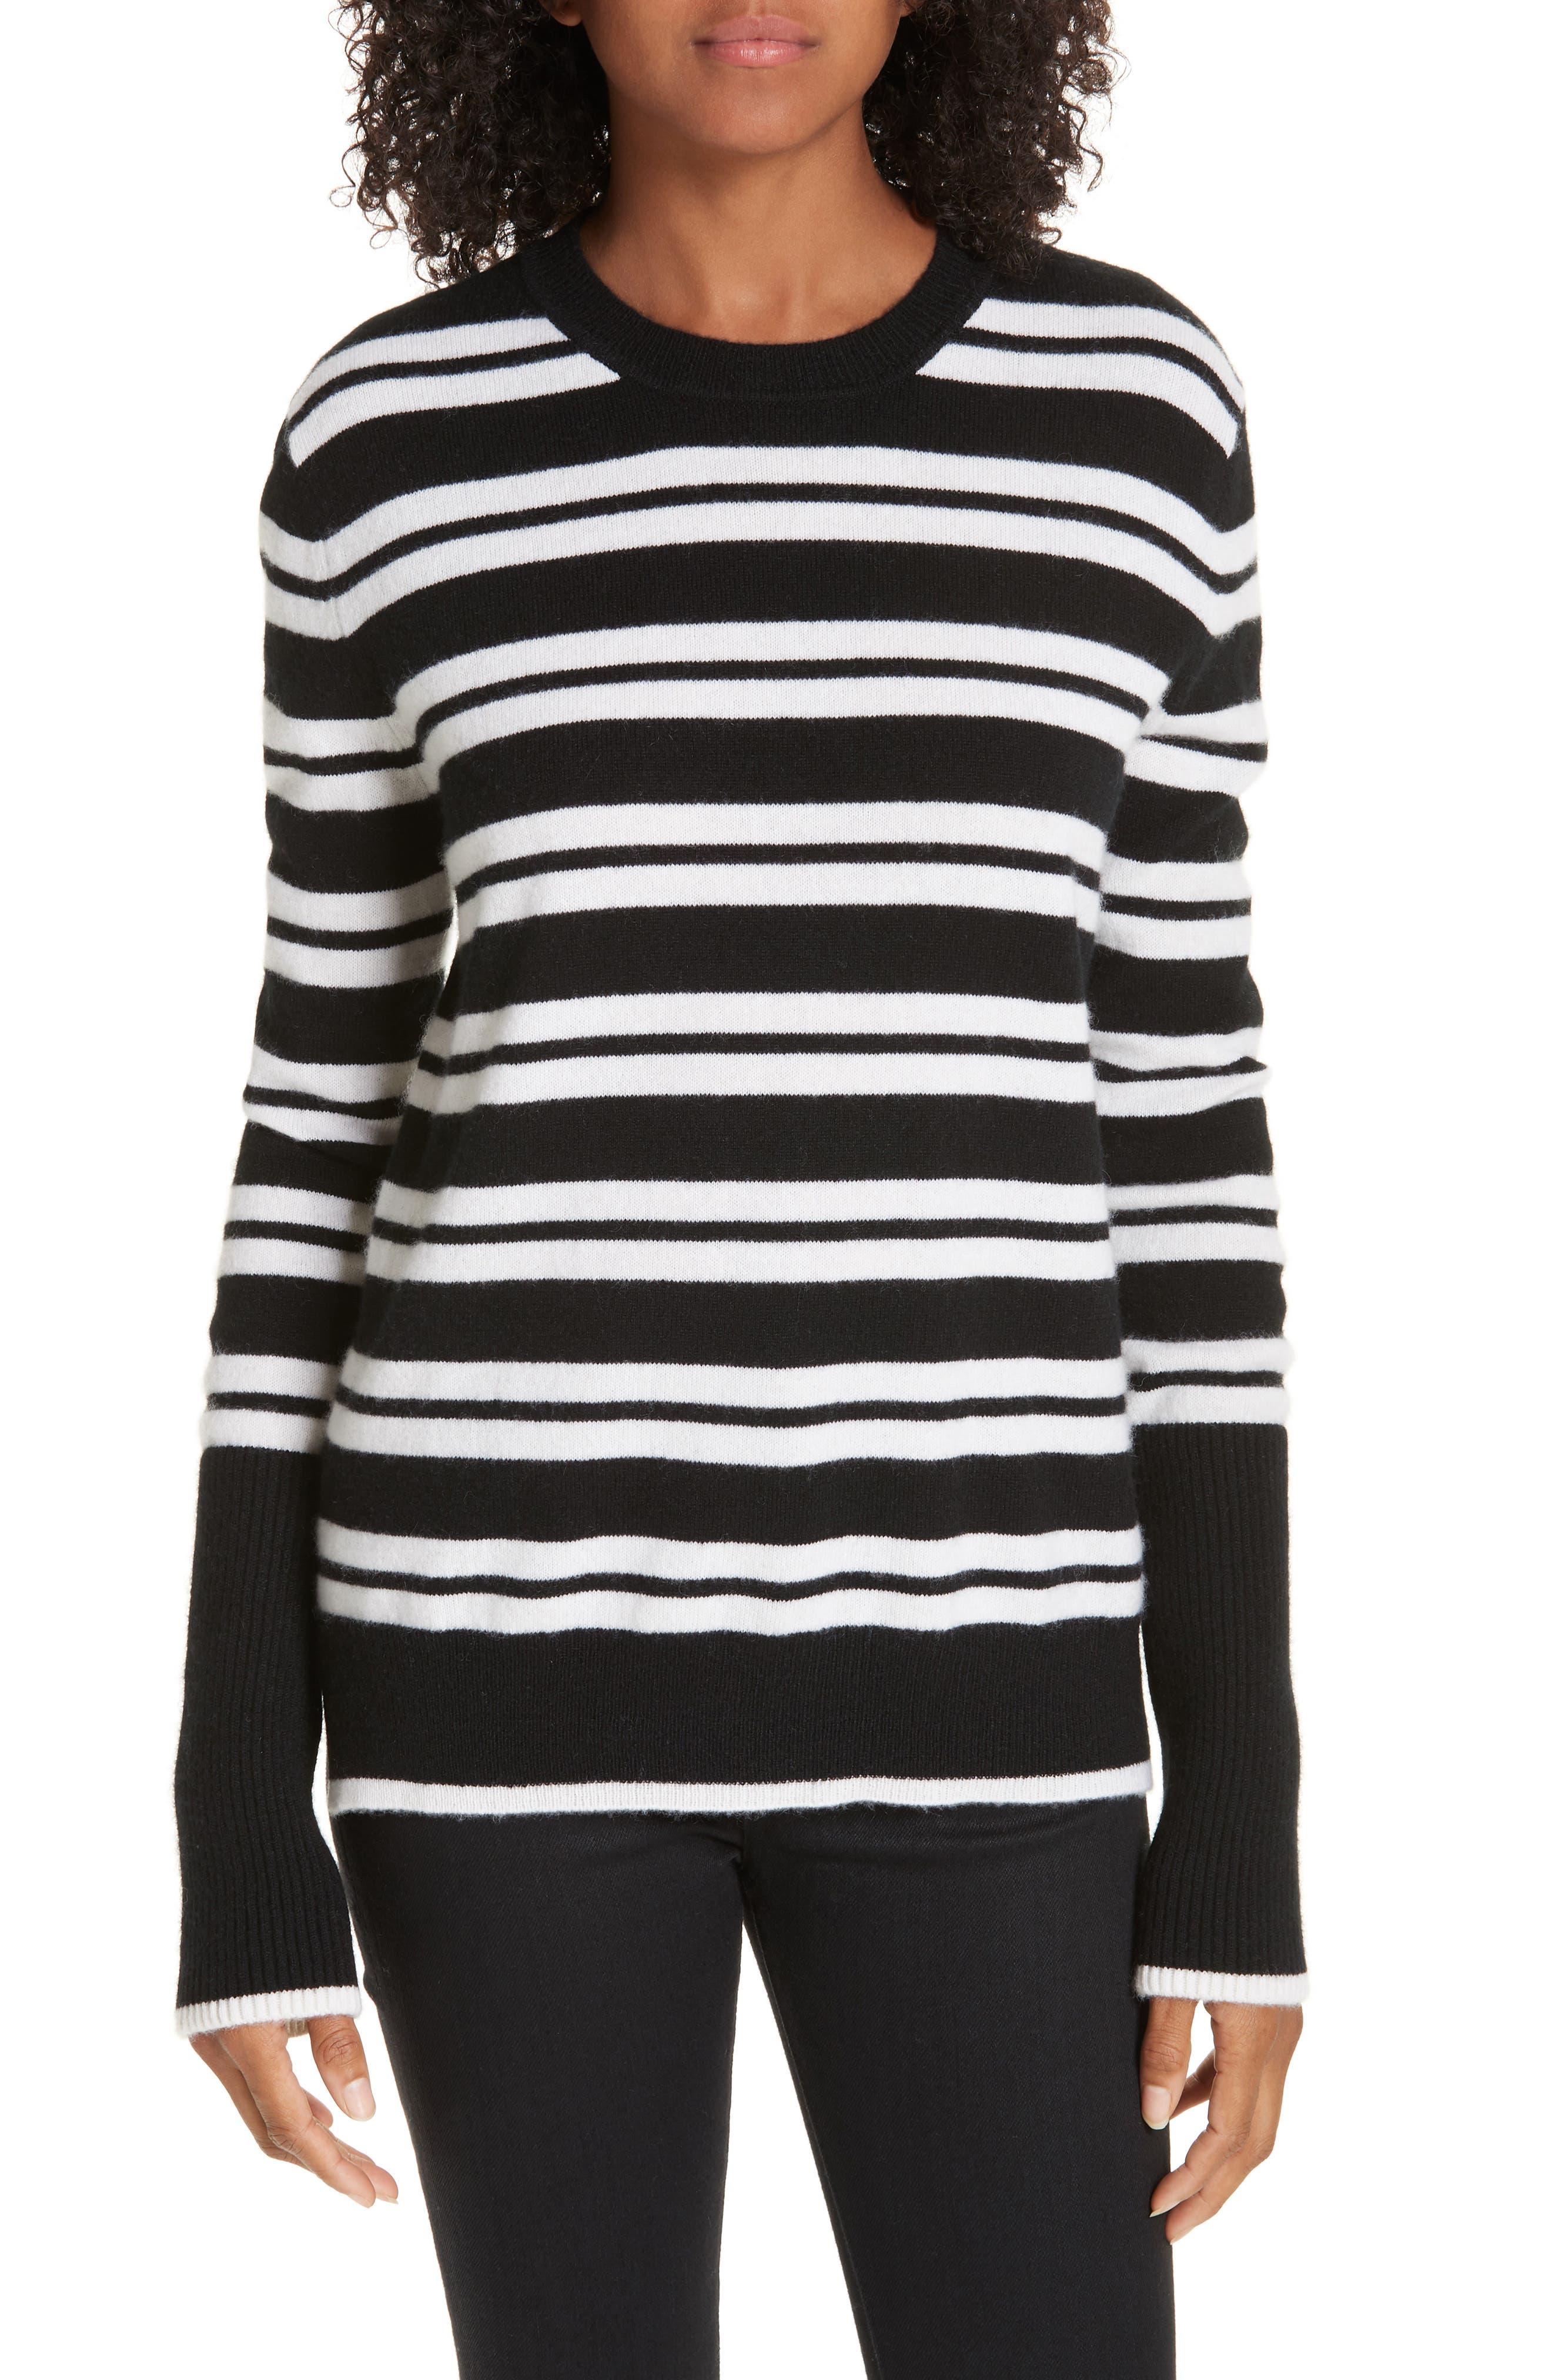 LA LIGNE Le Ligne Tripe Stripe Cashmere Sweater in Black/ Cream